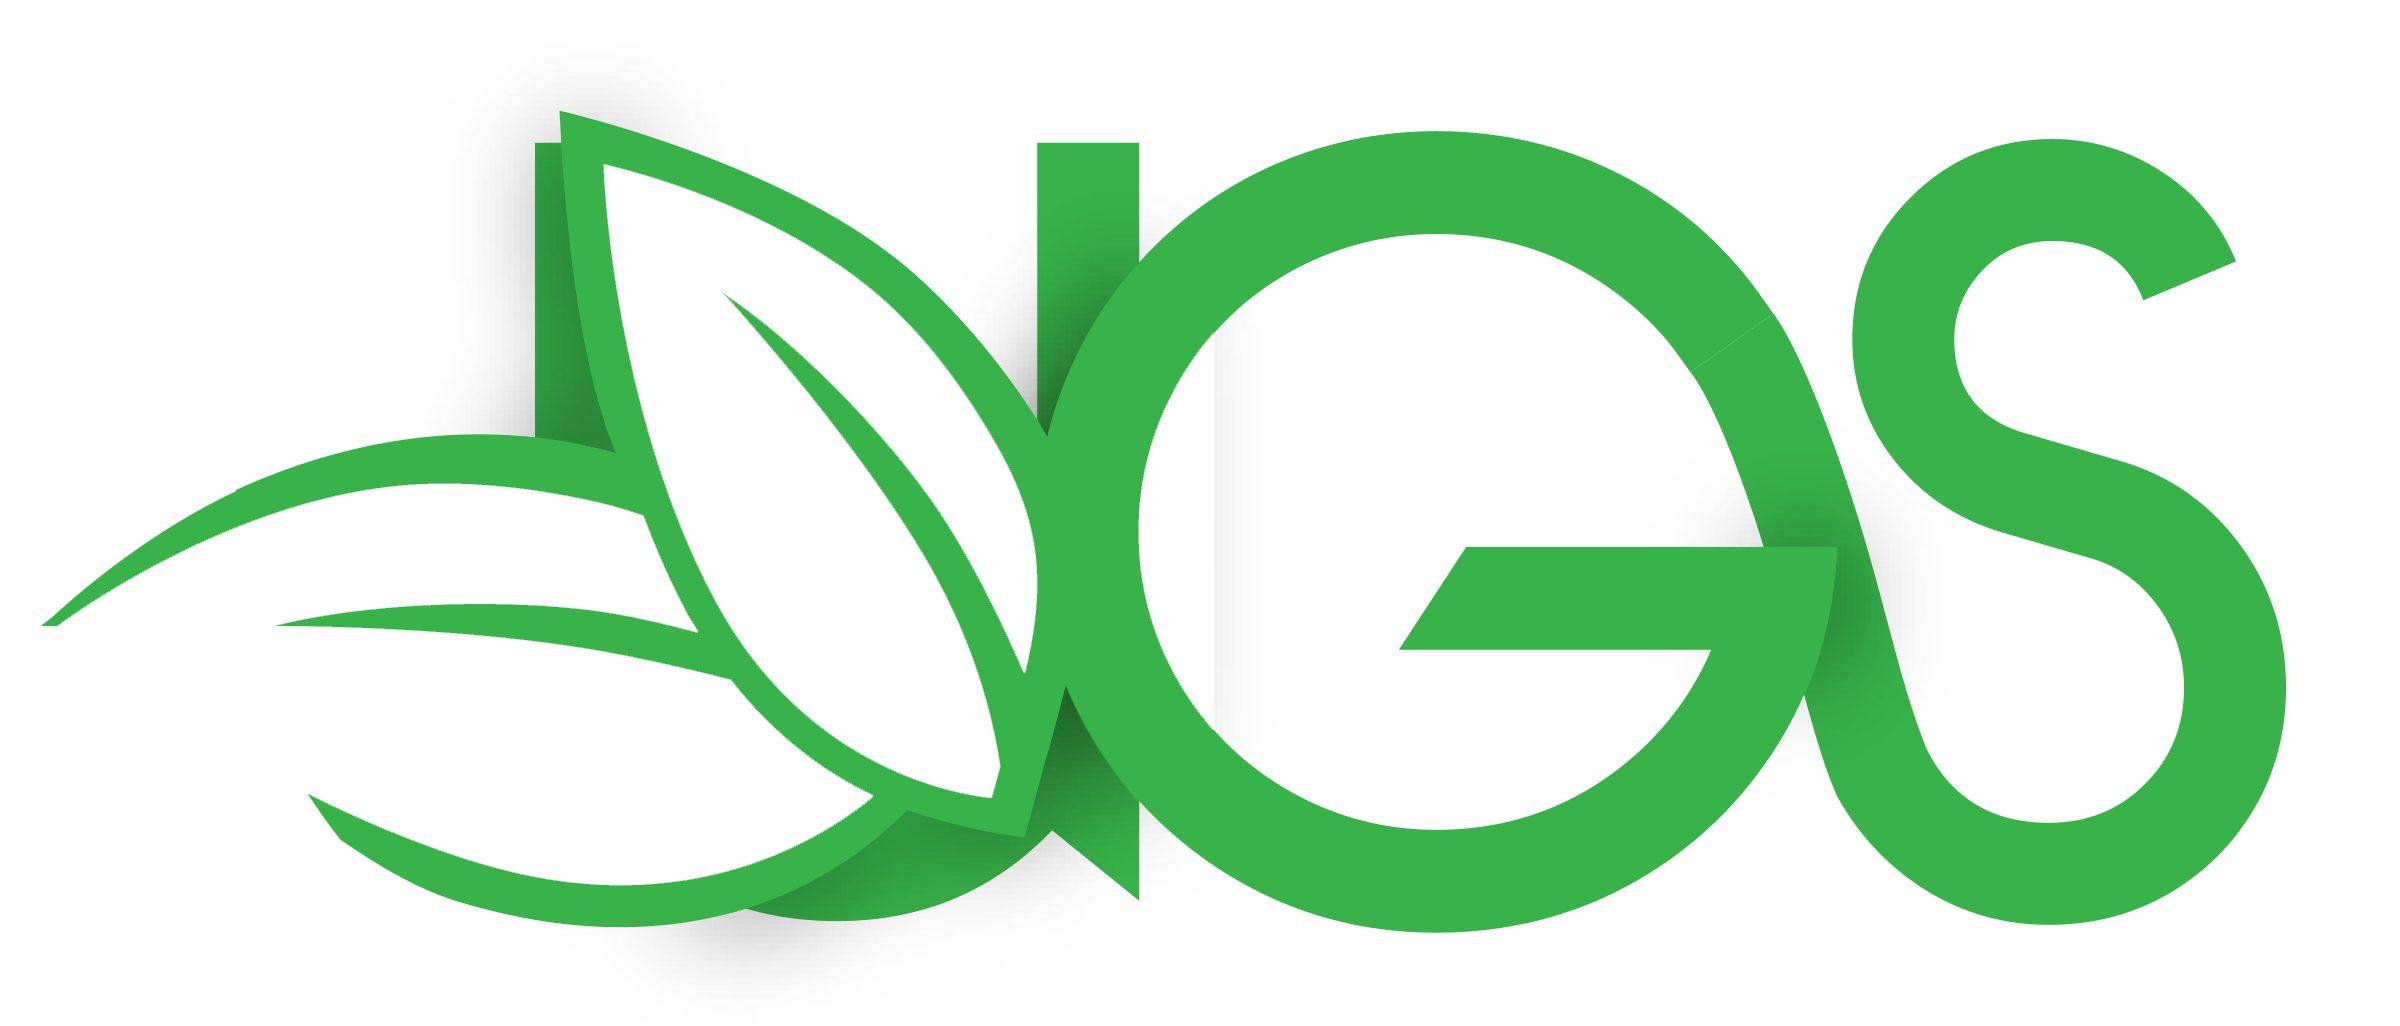 Ultra Green Supplies Sdn Bhd